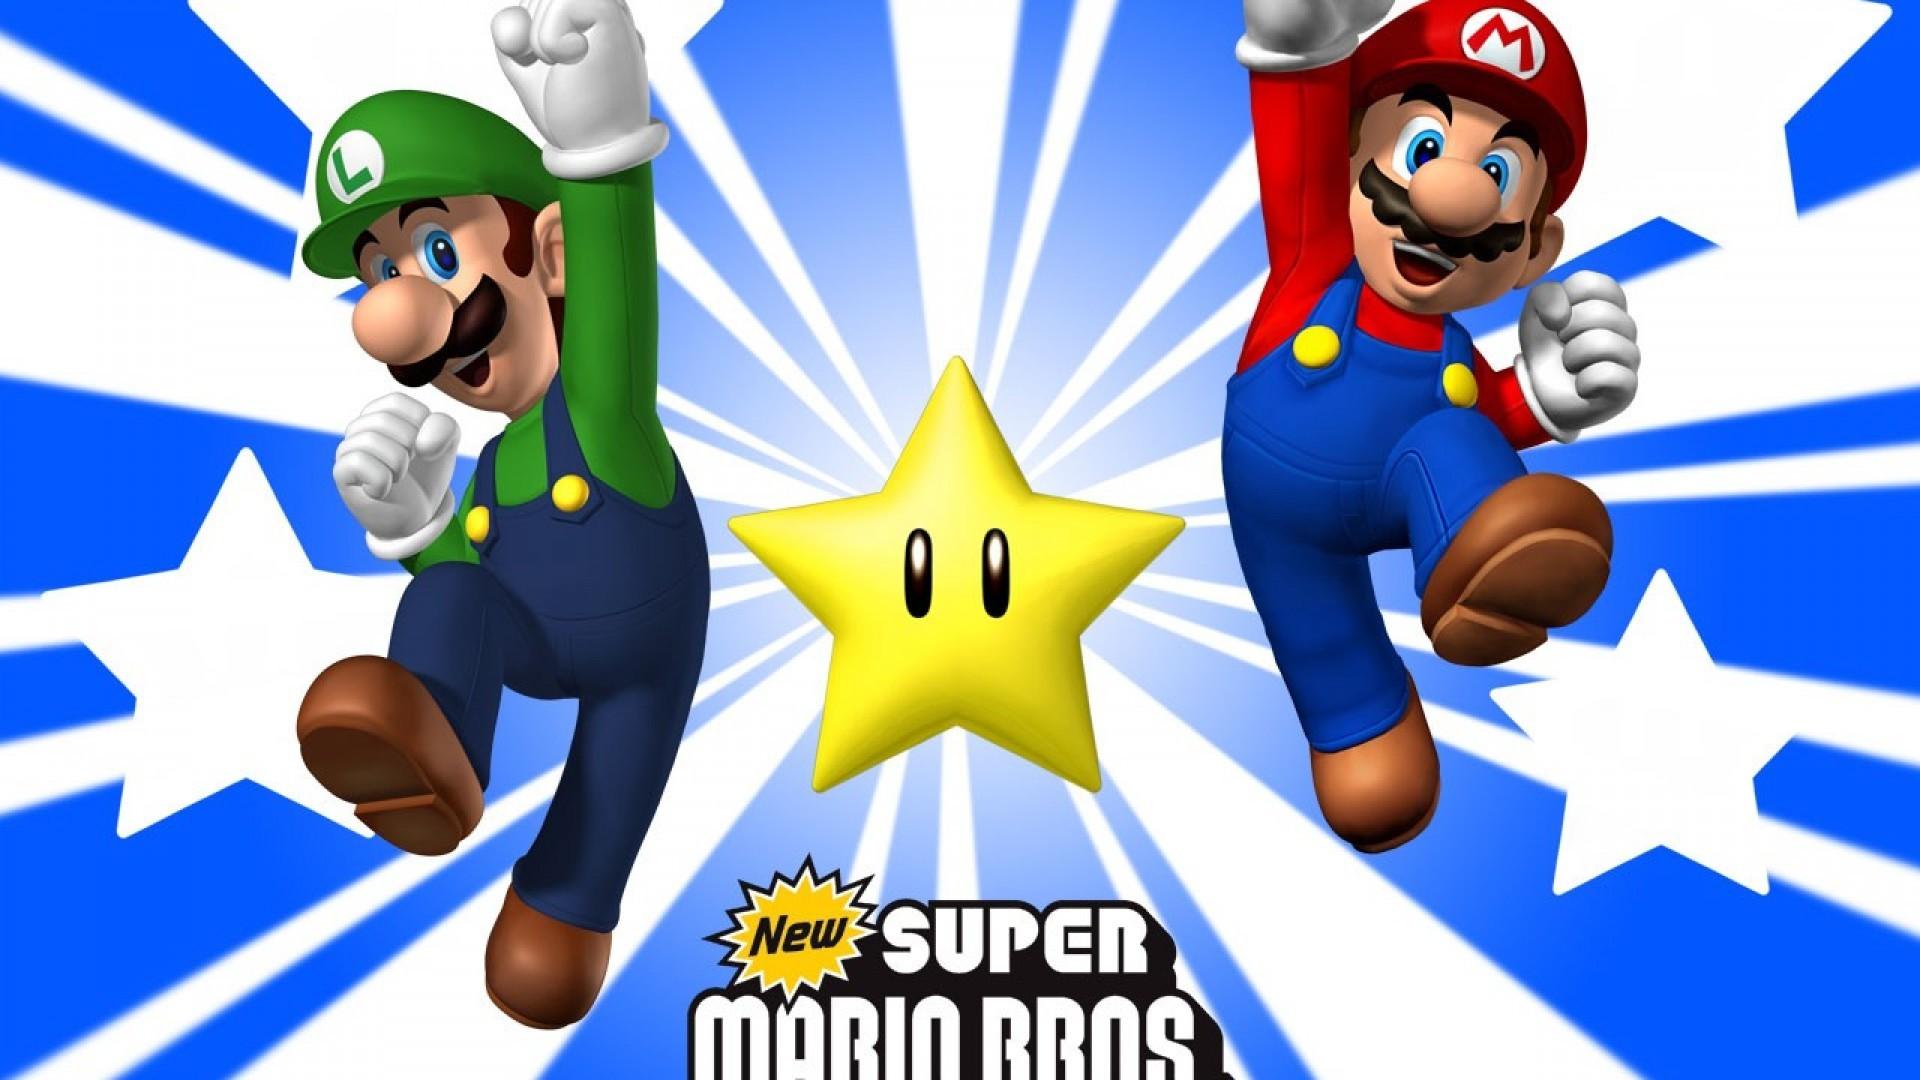 Mario and luigi wallpaper hd 64 images 1920x1080 mario and luigi pictures altavistaventures Gallery